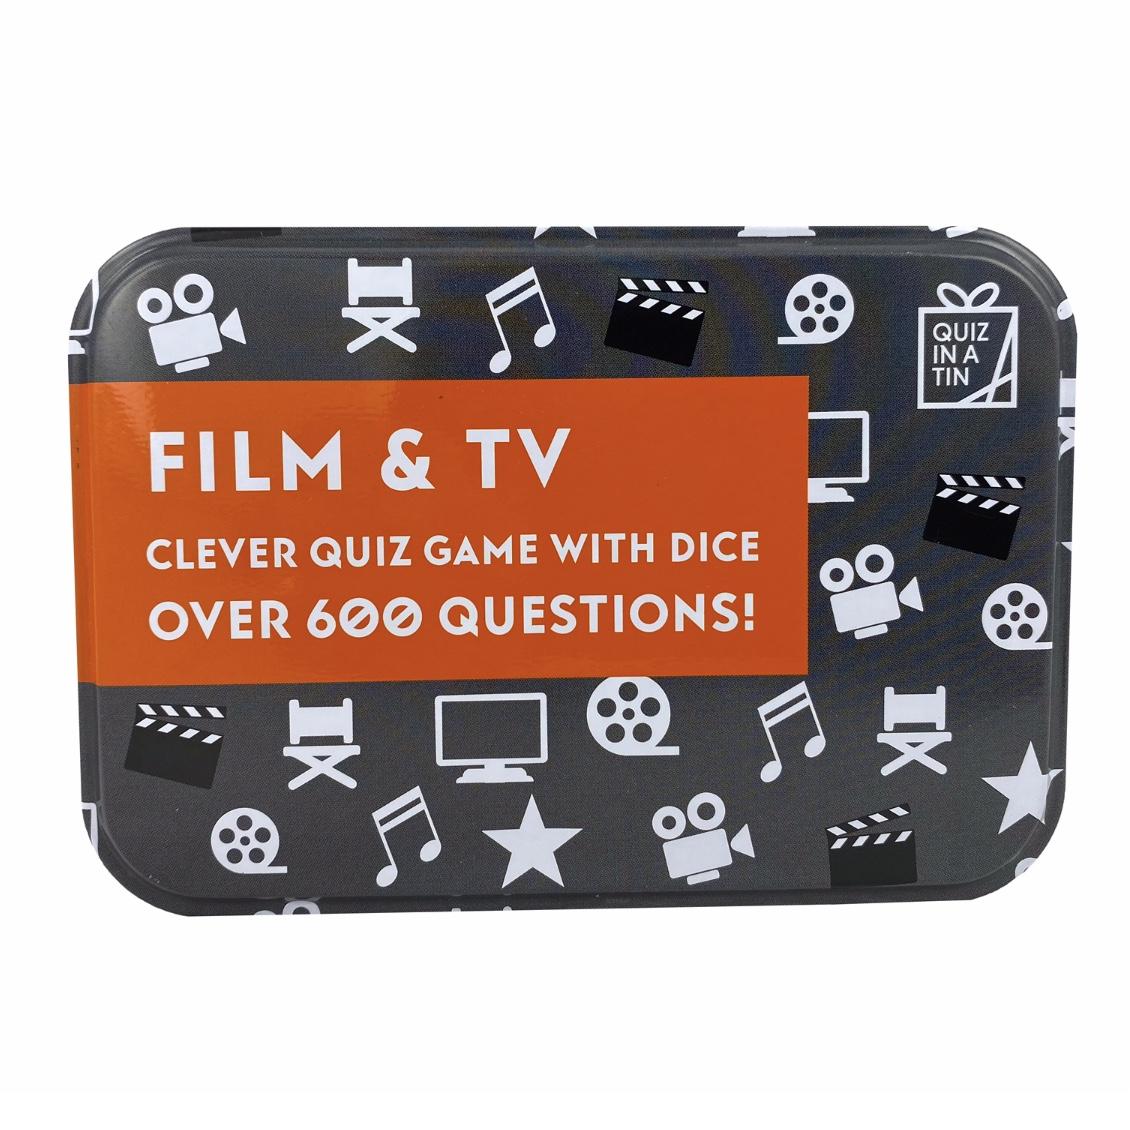 'Film & TV' Quiz in a Tin